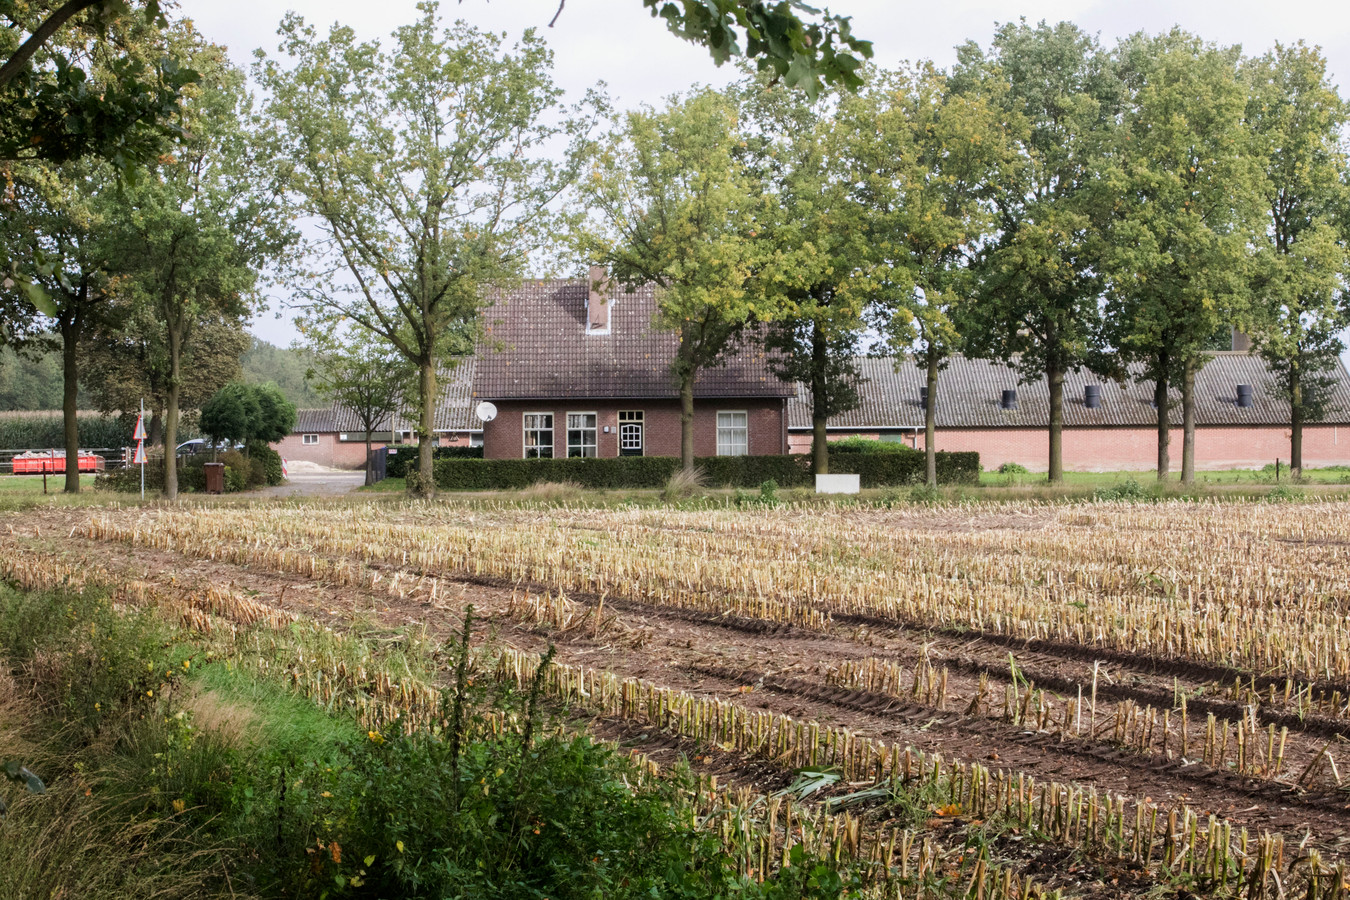 De huidige situatie aan de Logtsebaan 2 in Spoordonk. Op deze plek wil de Boxtelse ondernemer Johan van Hal een varkenshouderij starten.